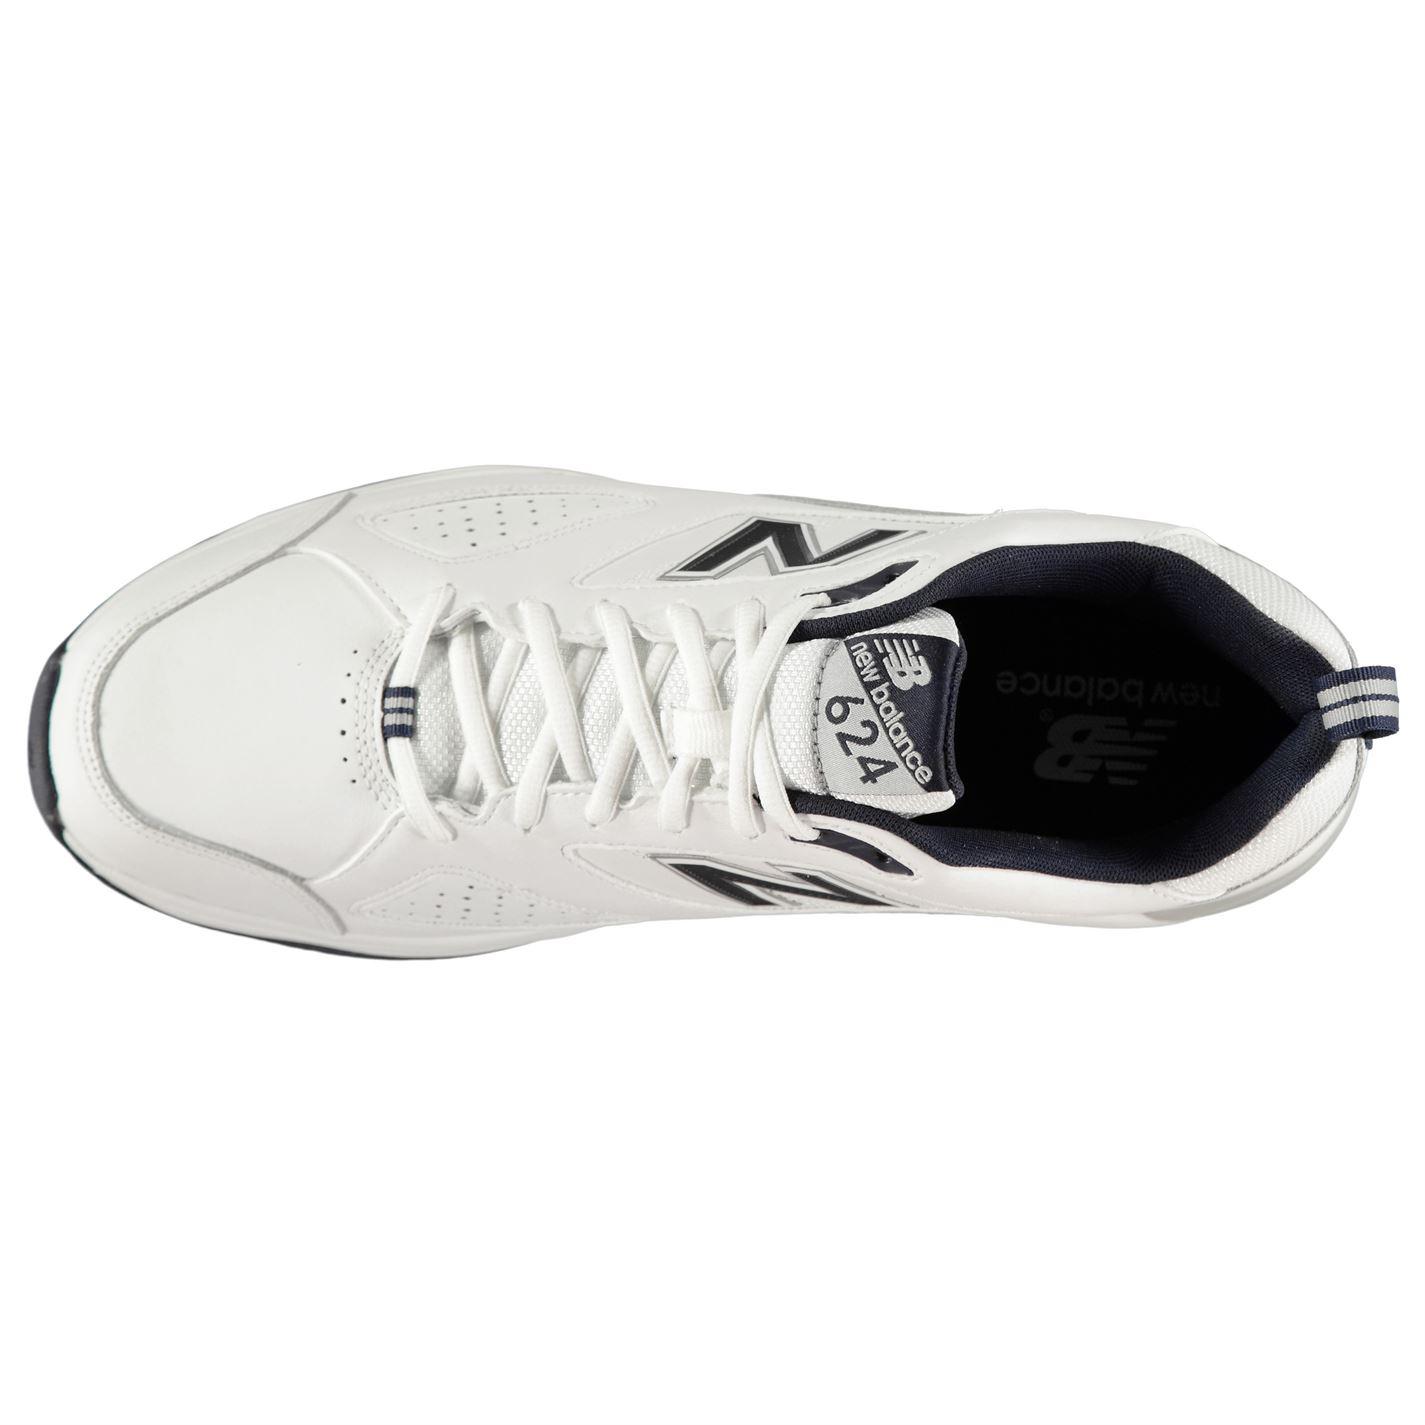 New-Balance-Zapatillas-para-hombre-interior-624x4-Road-Running-Zapatos-Con-Cordones-Transpirable miniatura 5